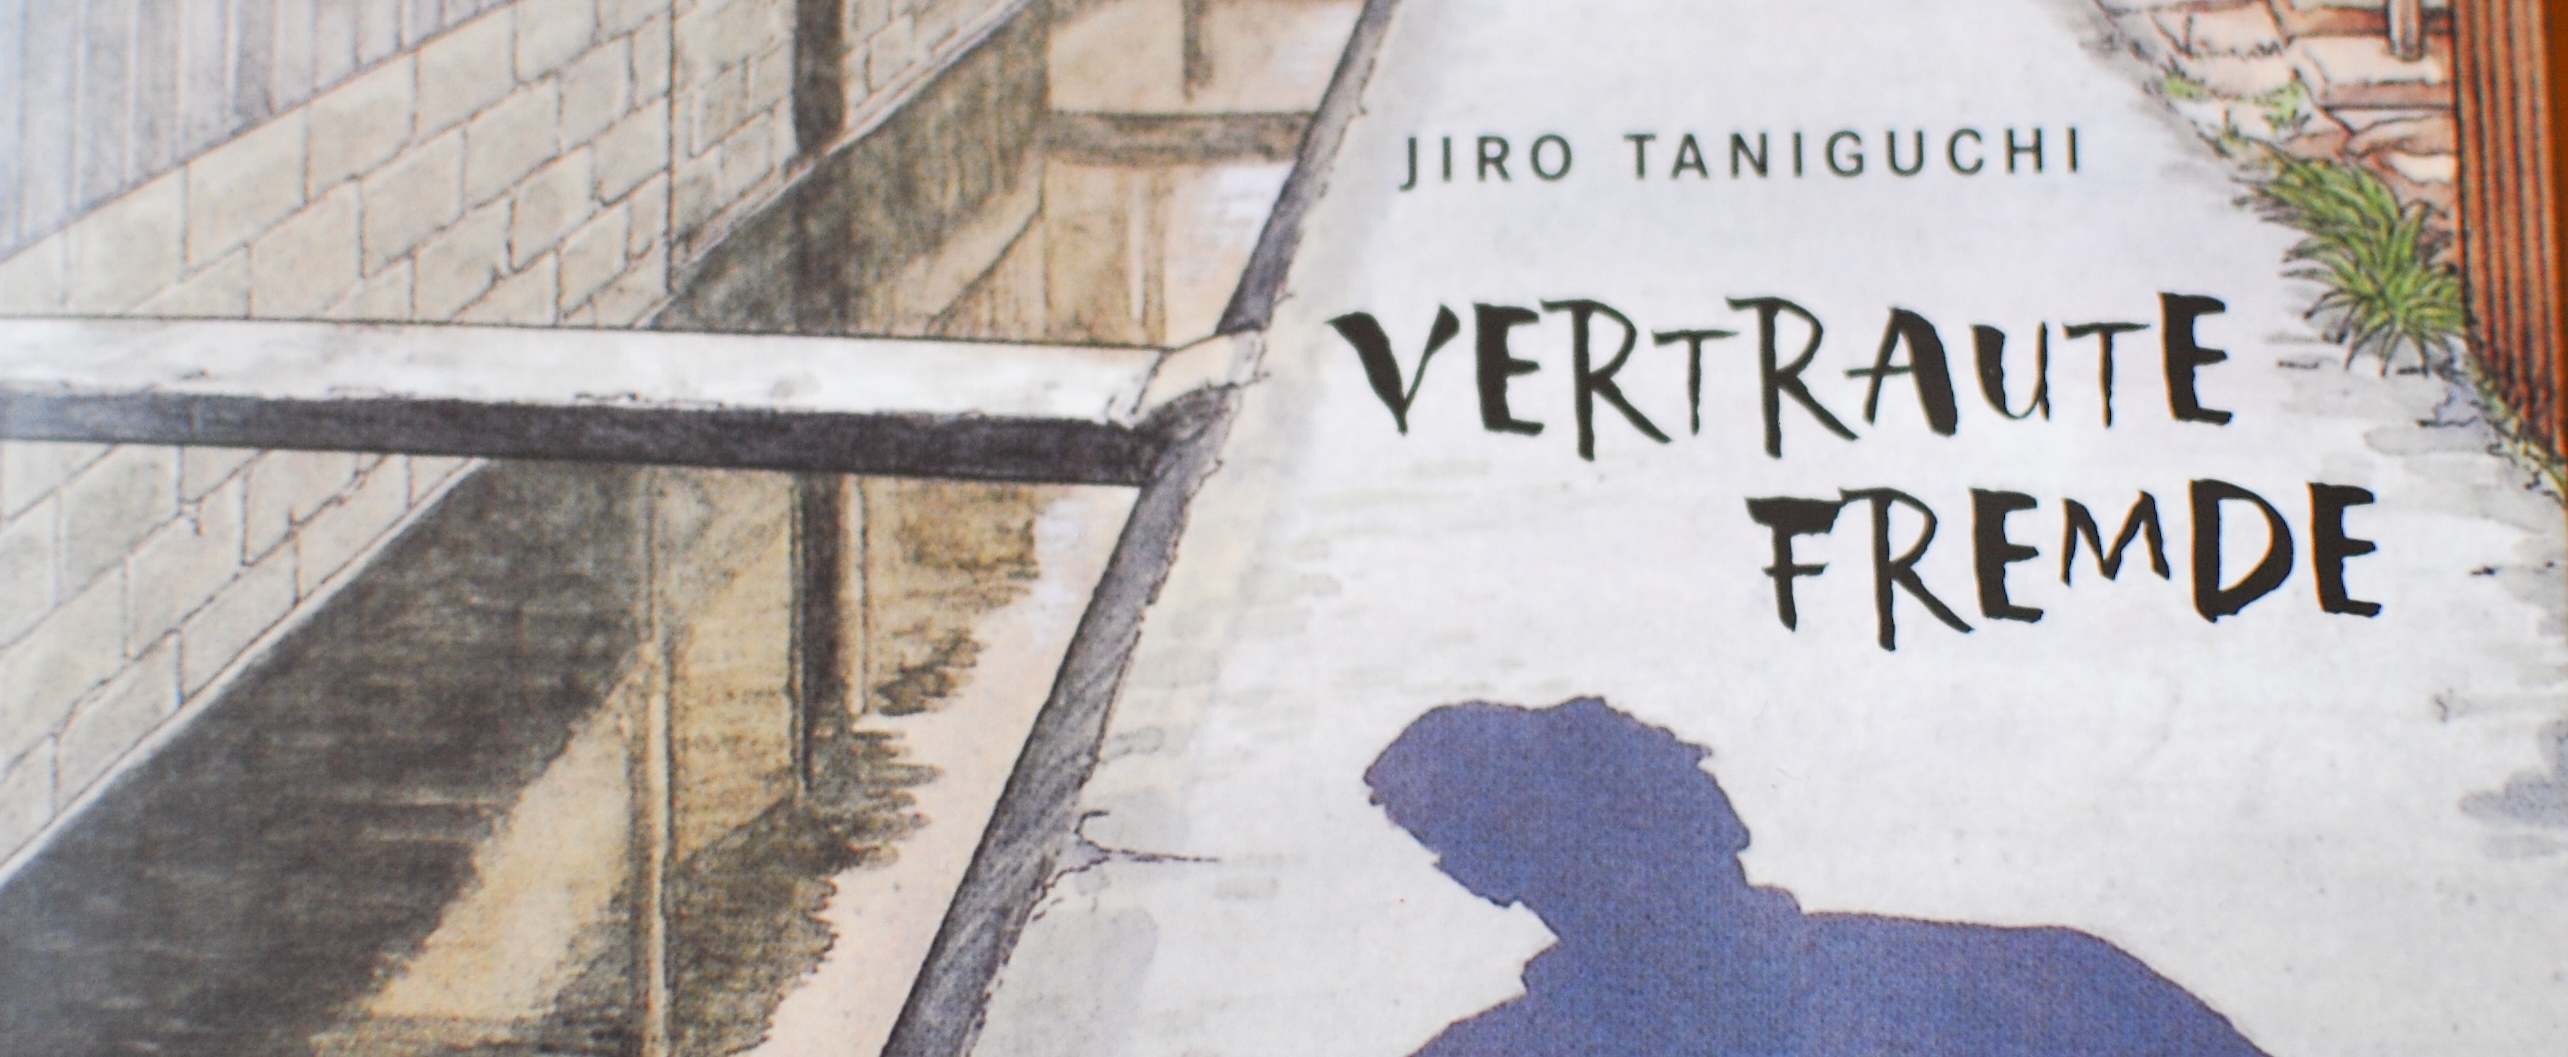 Vertraute Fremde (Jiro Taniguchi)